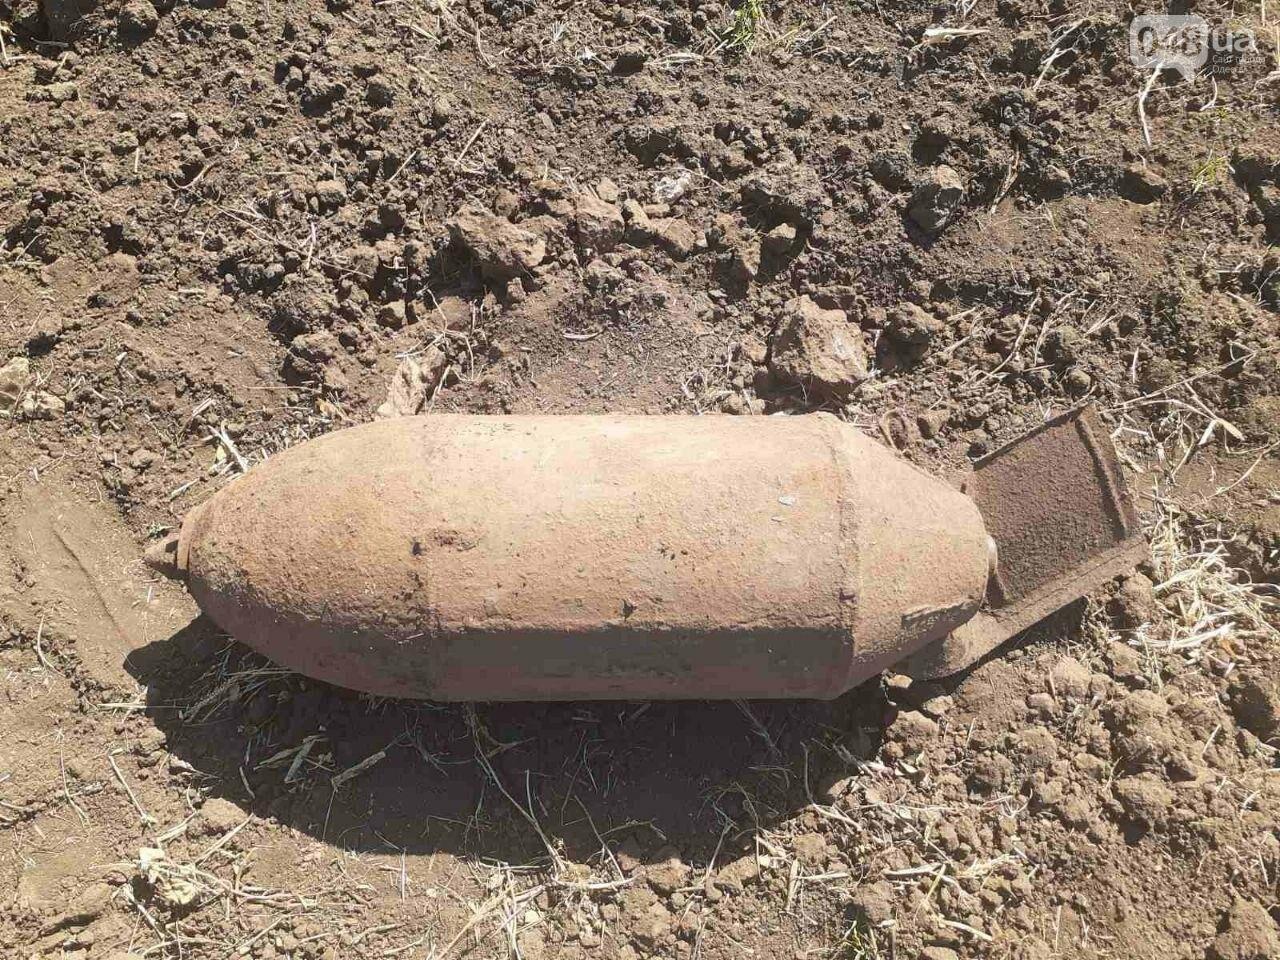 В Одесской области обнаружили авиационную бомбу времен ВОВ, - ФОТО1